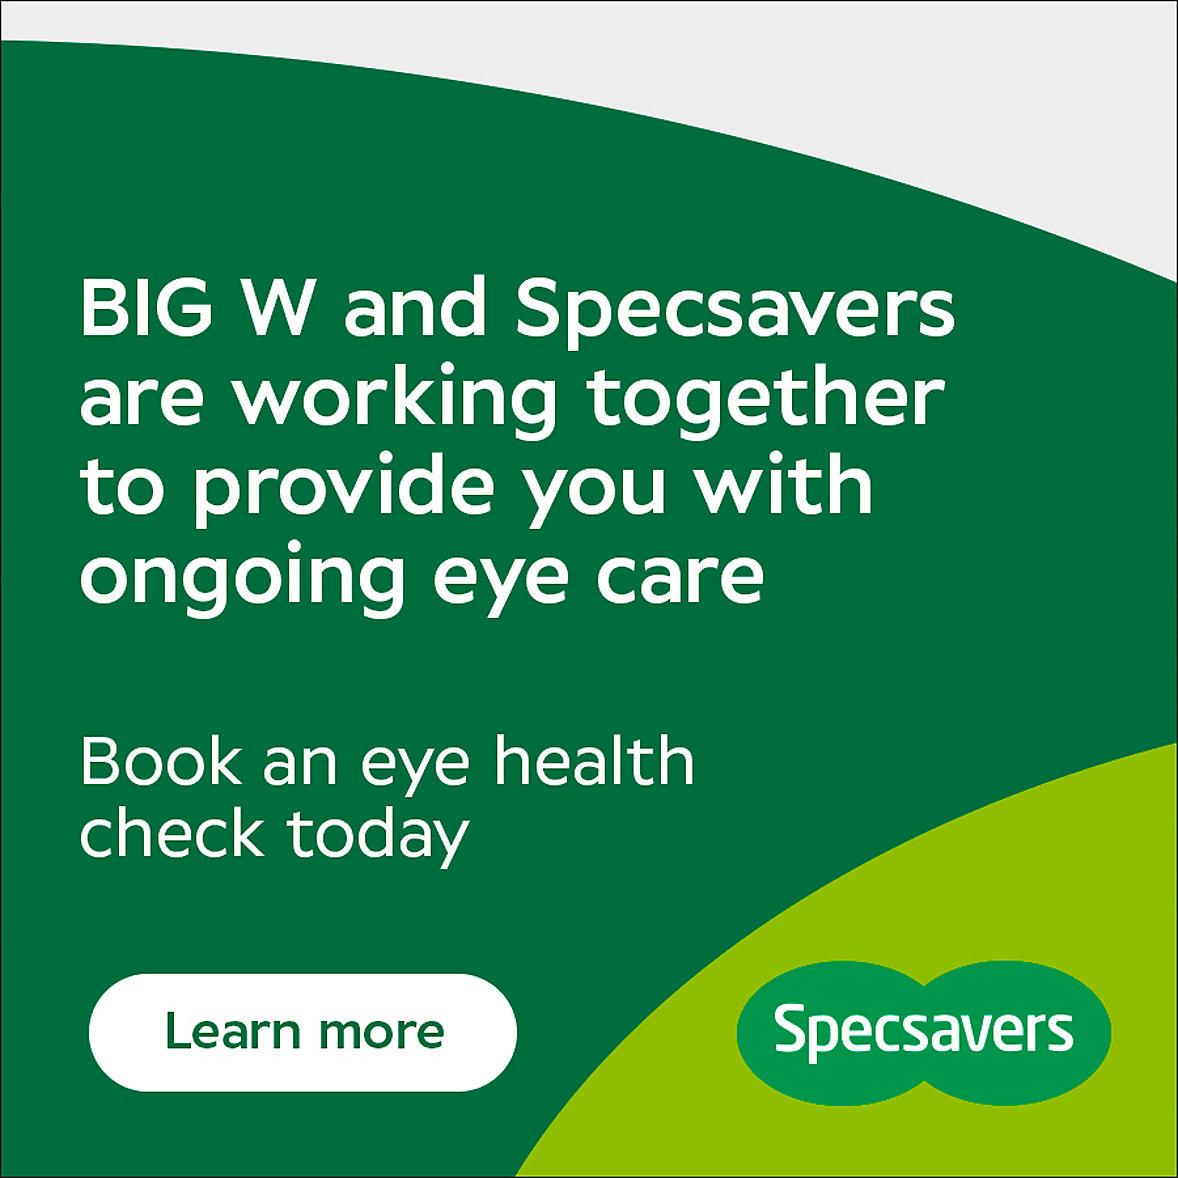 Book an eye health check today